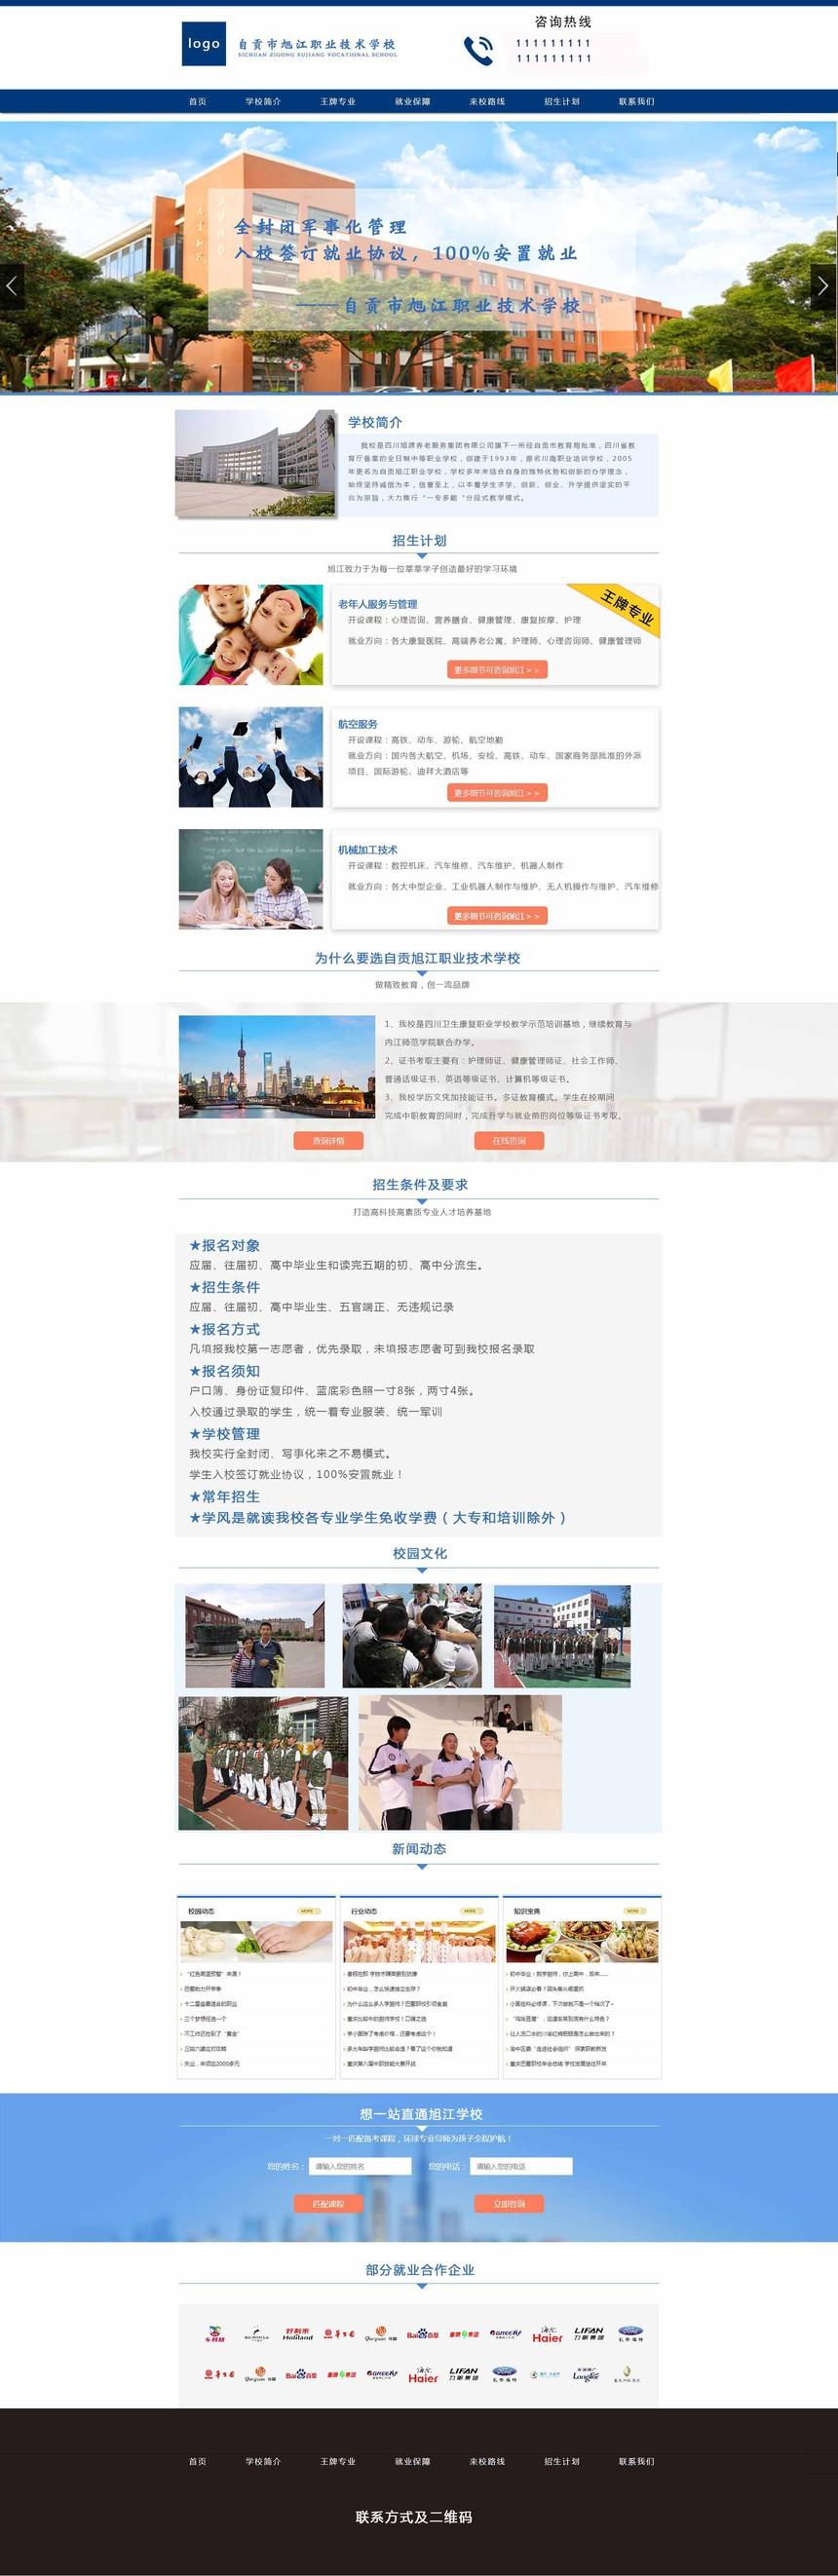 旭江首页长图.jpg